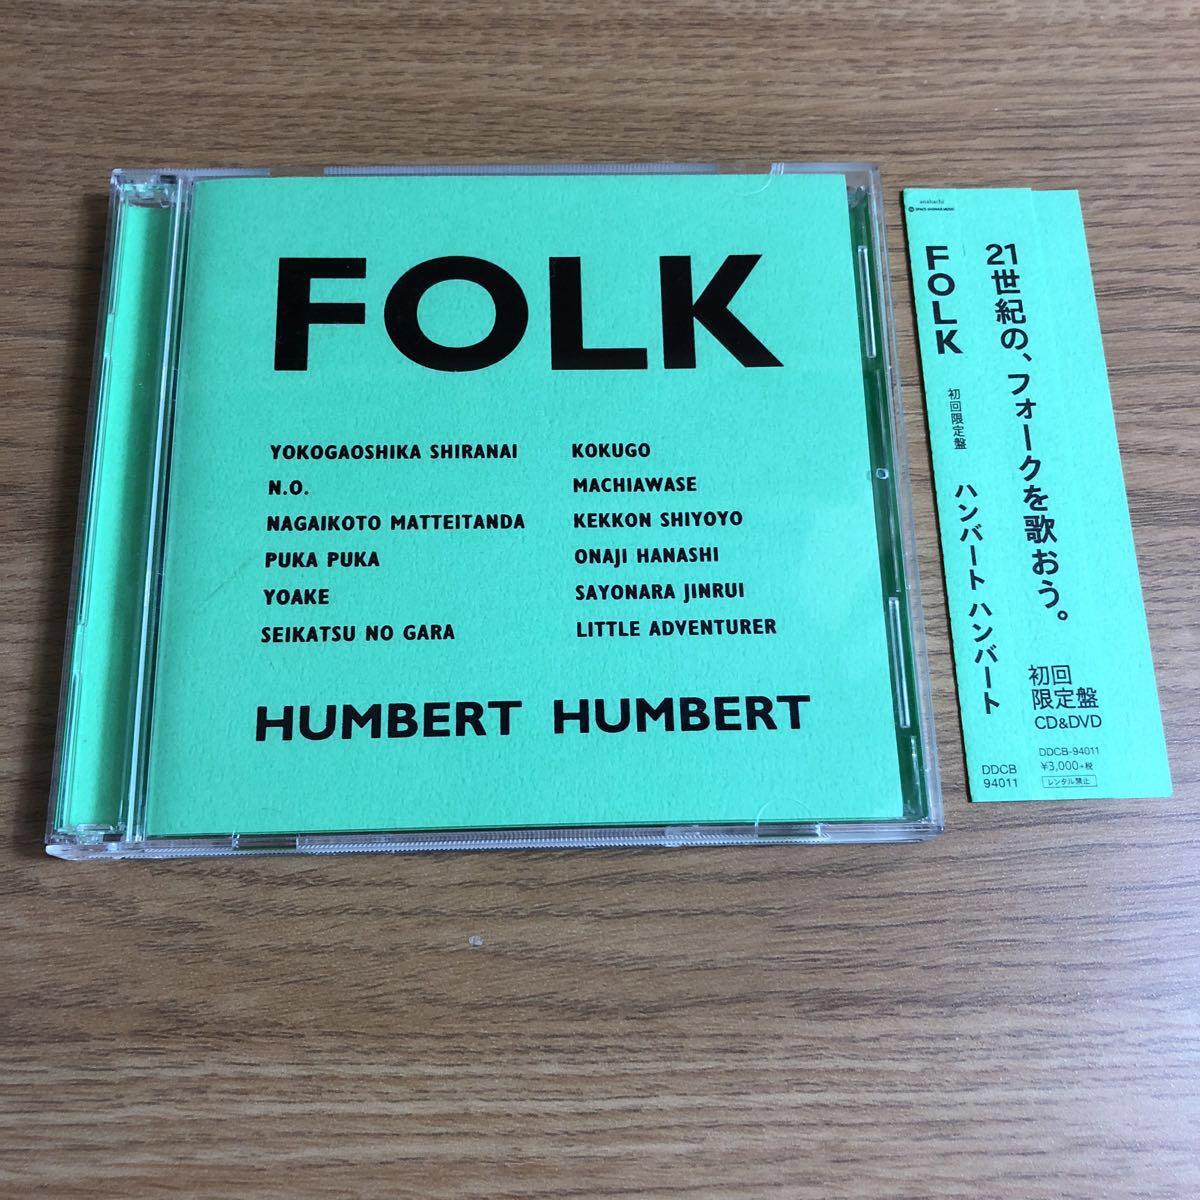 中古 ハンバートハンバート Folk 初回限定 Dvd付 の落札情報